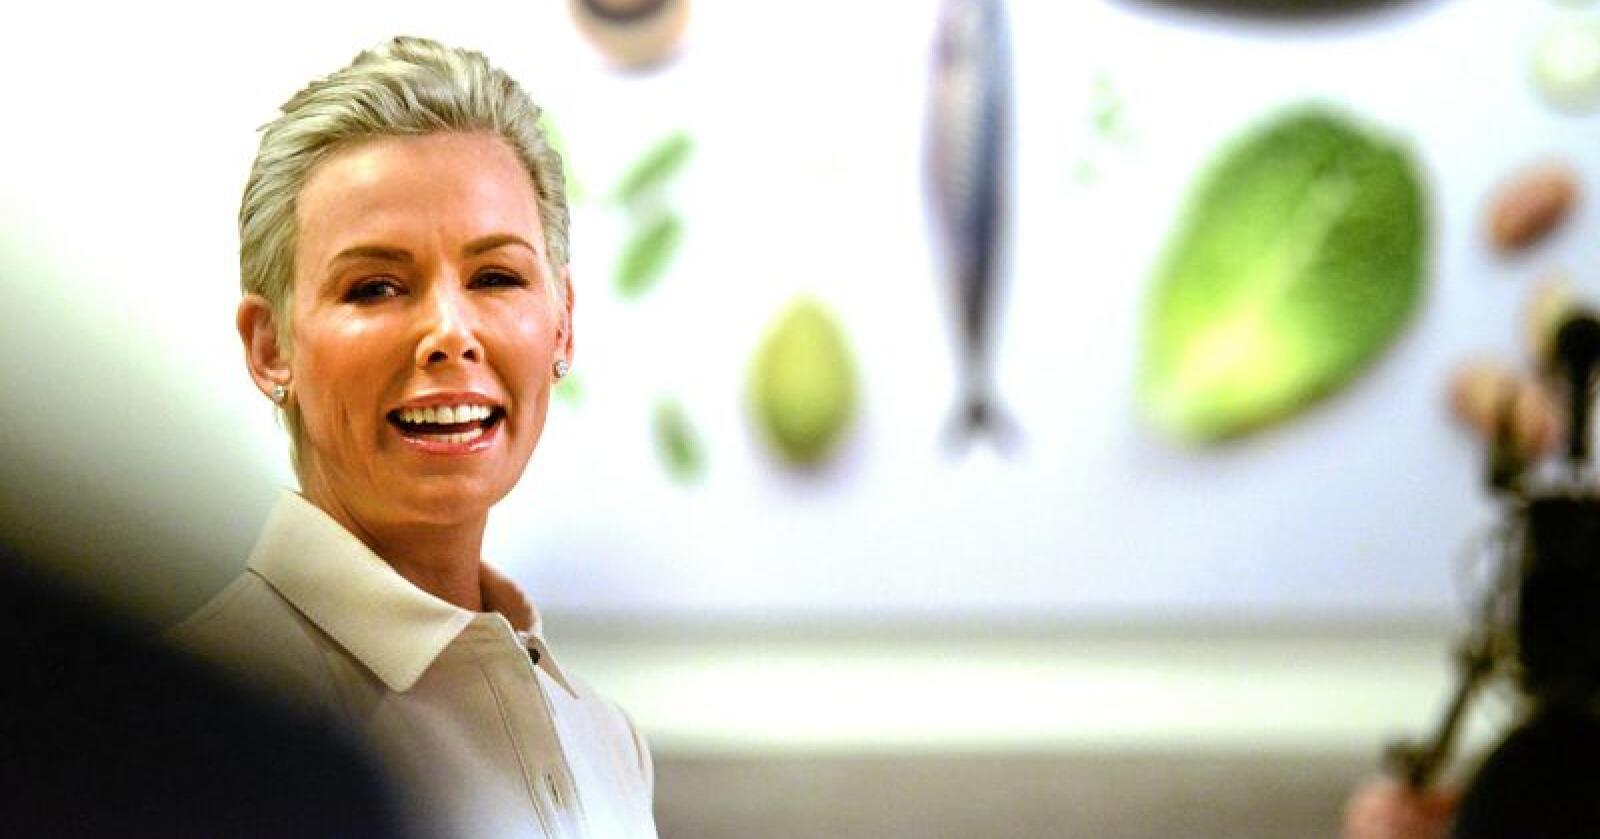 Gunhild Stordalen var i januar med på å legge fram Eat/Lancet-rapporten. Foto: Siri Juell Rasmussen